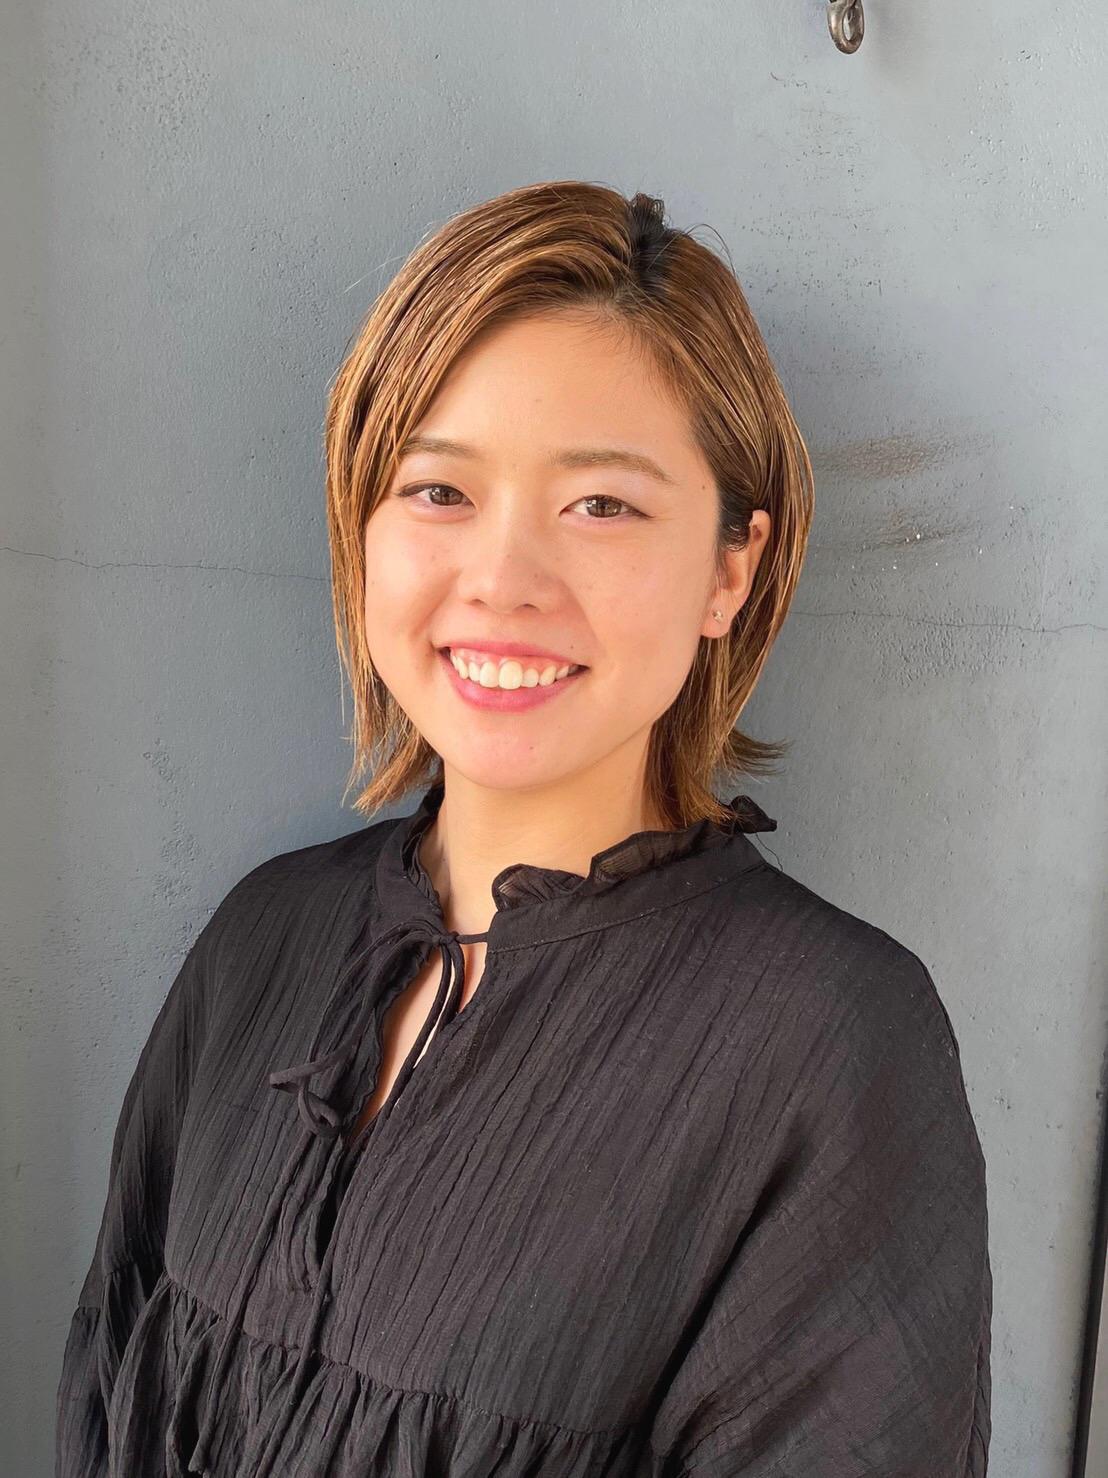 メンズグルーミングサロン 新宿店 窪田 優芽